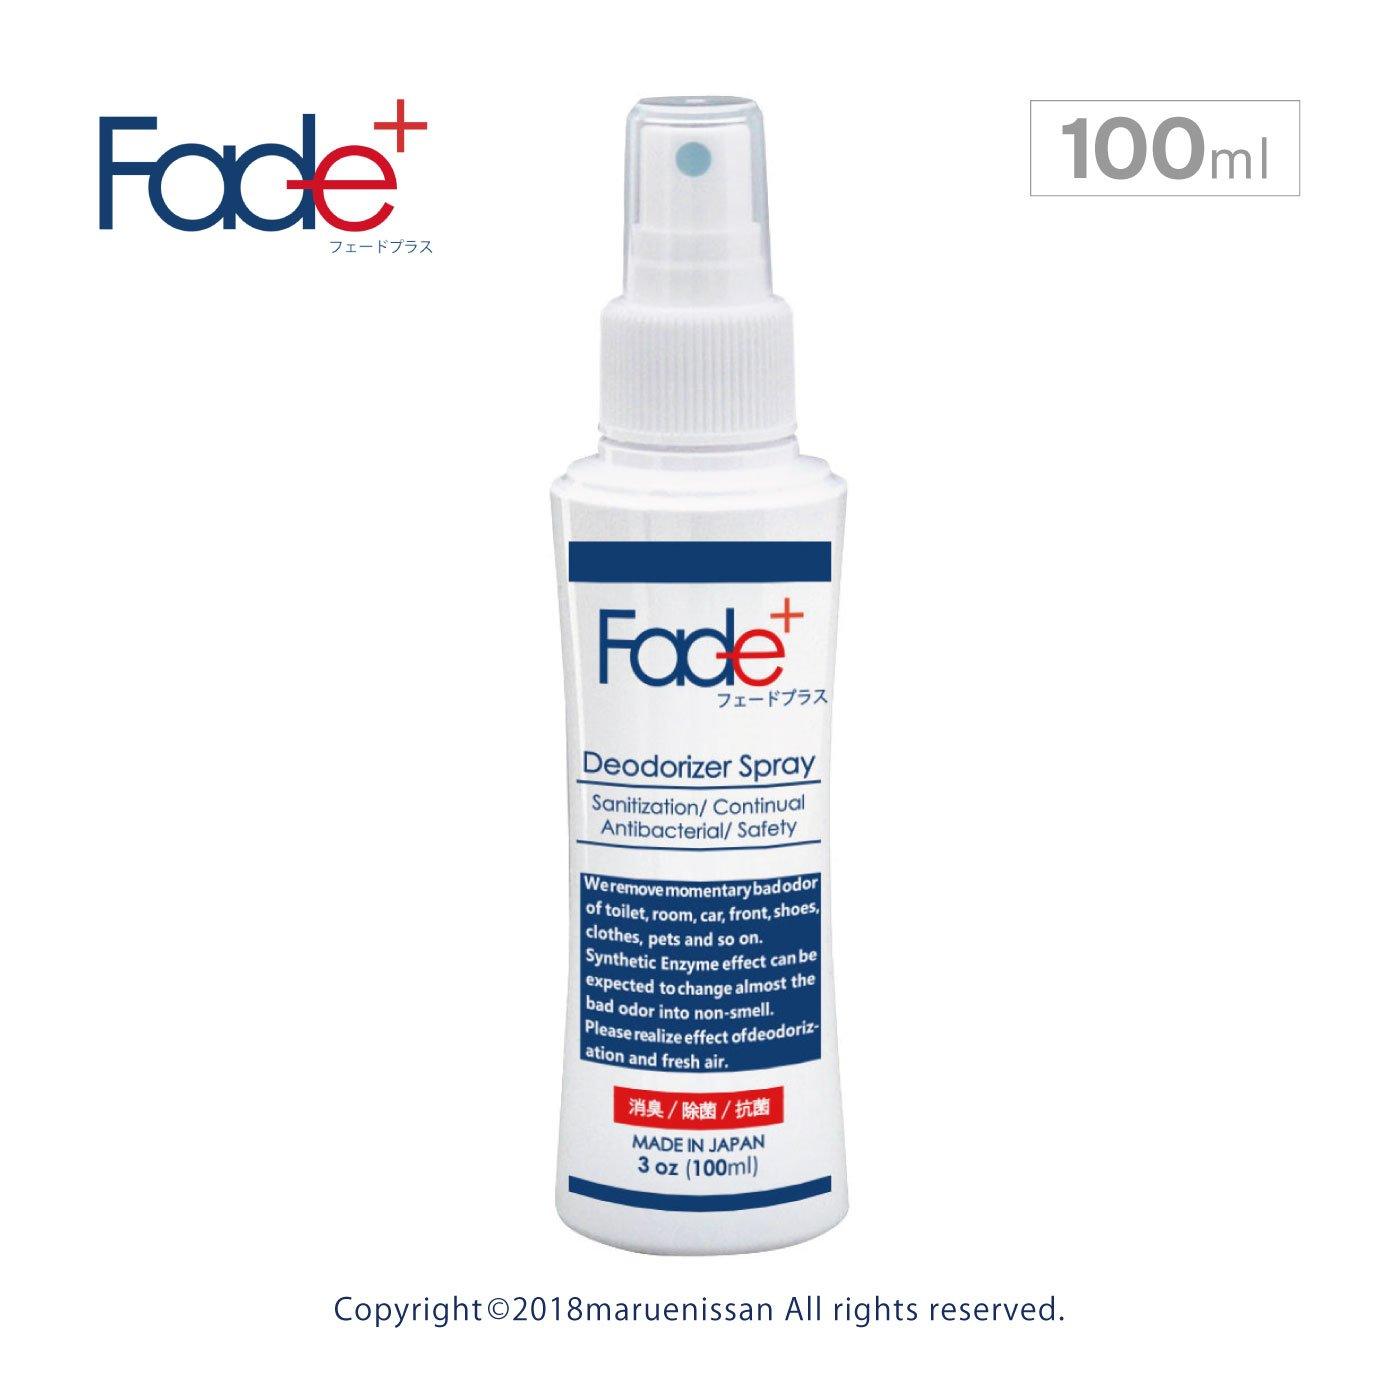 人工酵素の働きで消臭 FADE+ フェードプラス 100mlスプレー